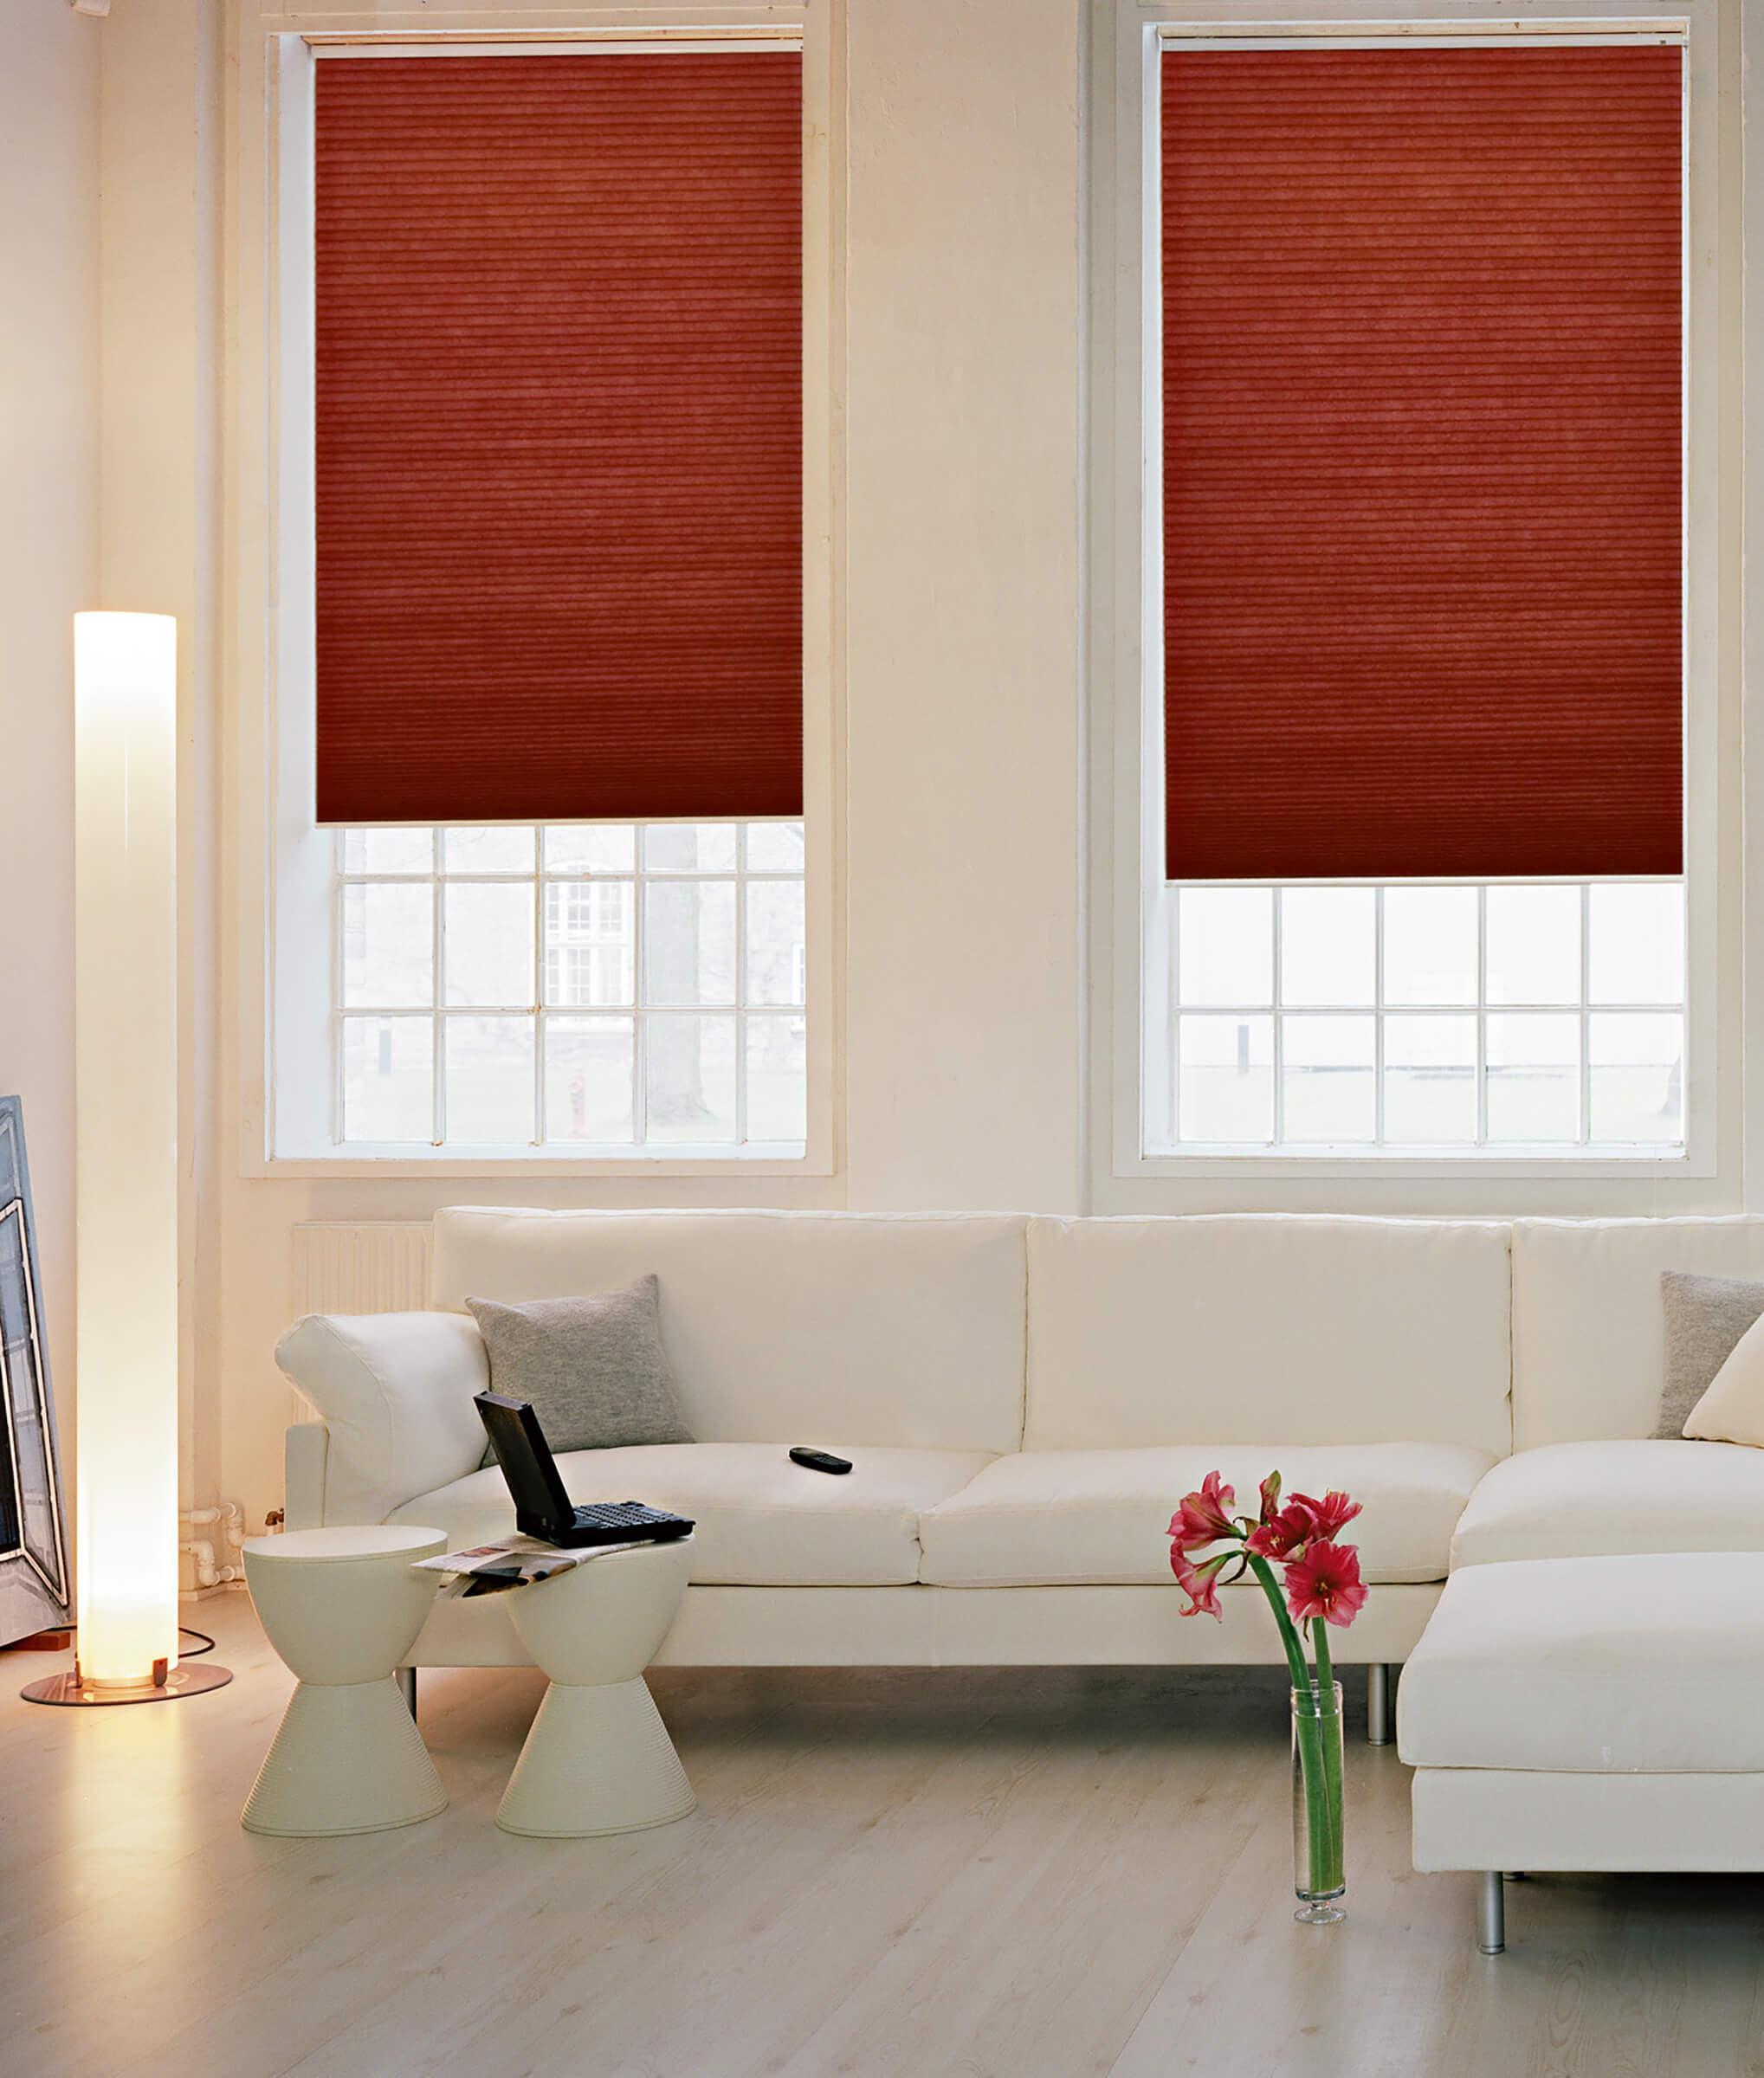 Rotbraune Wabenplissees zum Sonnenschutz im Wohnzimmer